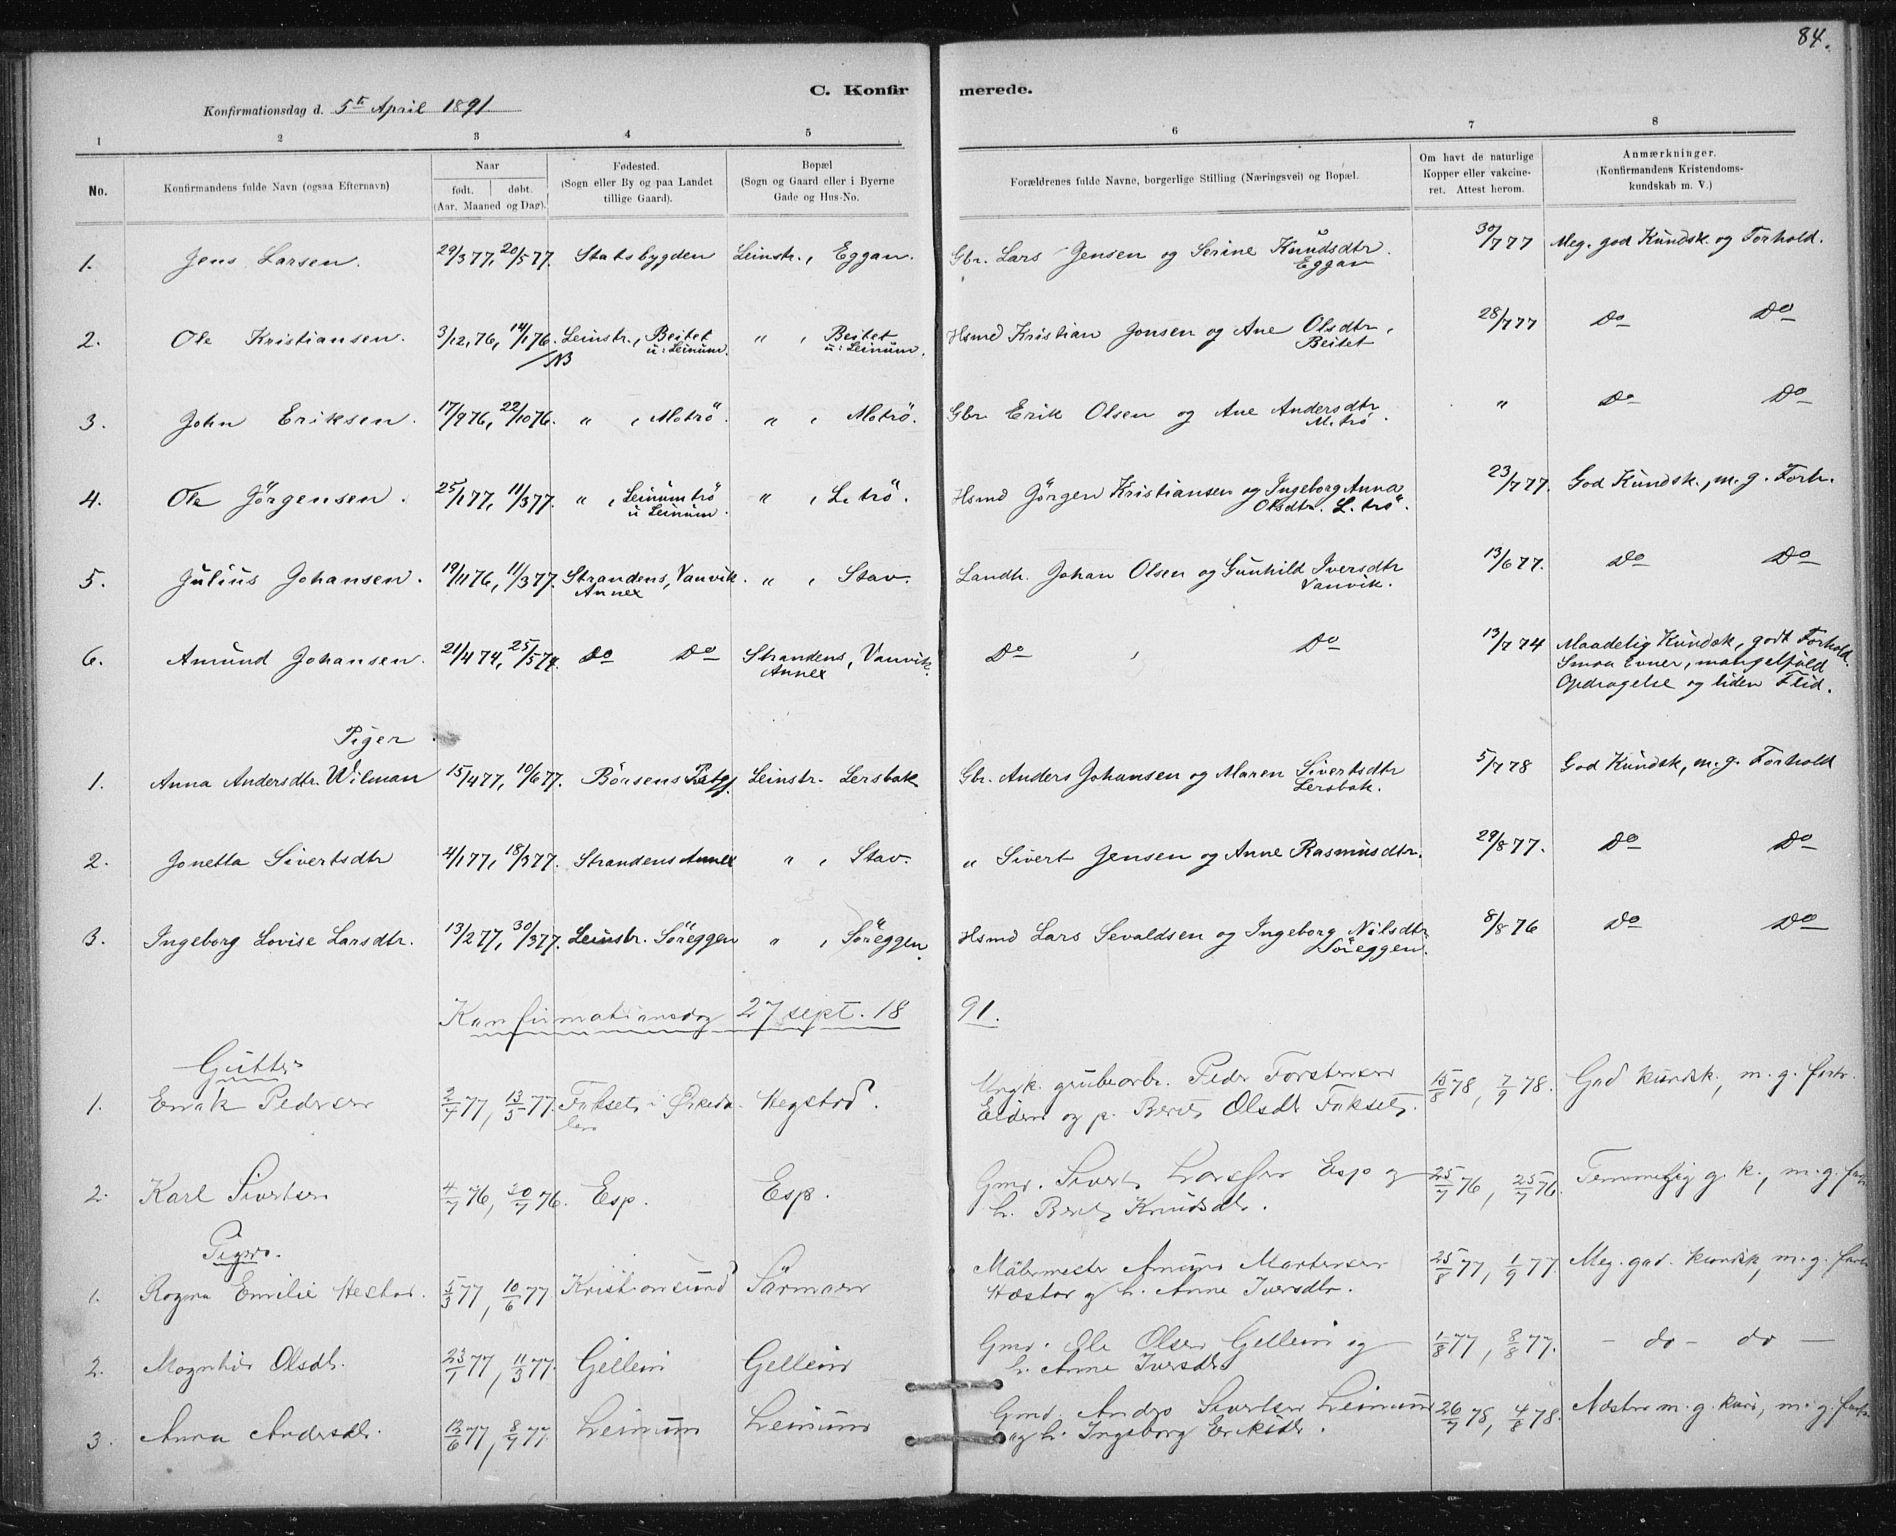 SAT, Ministerialprotokoller, klokkerbøker og fødselsregistre - Sør-Trøndelag, 613/L0392: Ministerialbok nr. 613A01, 1887-1906, s. 84